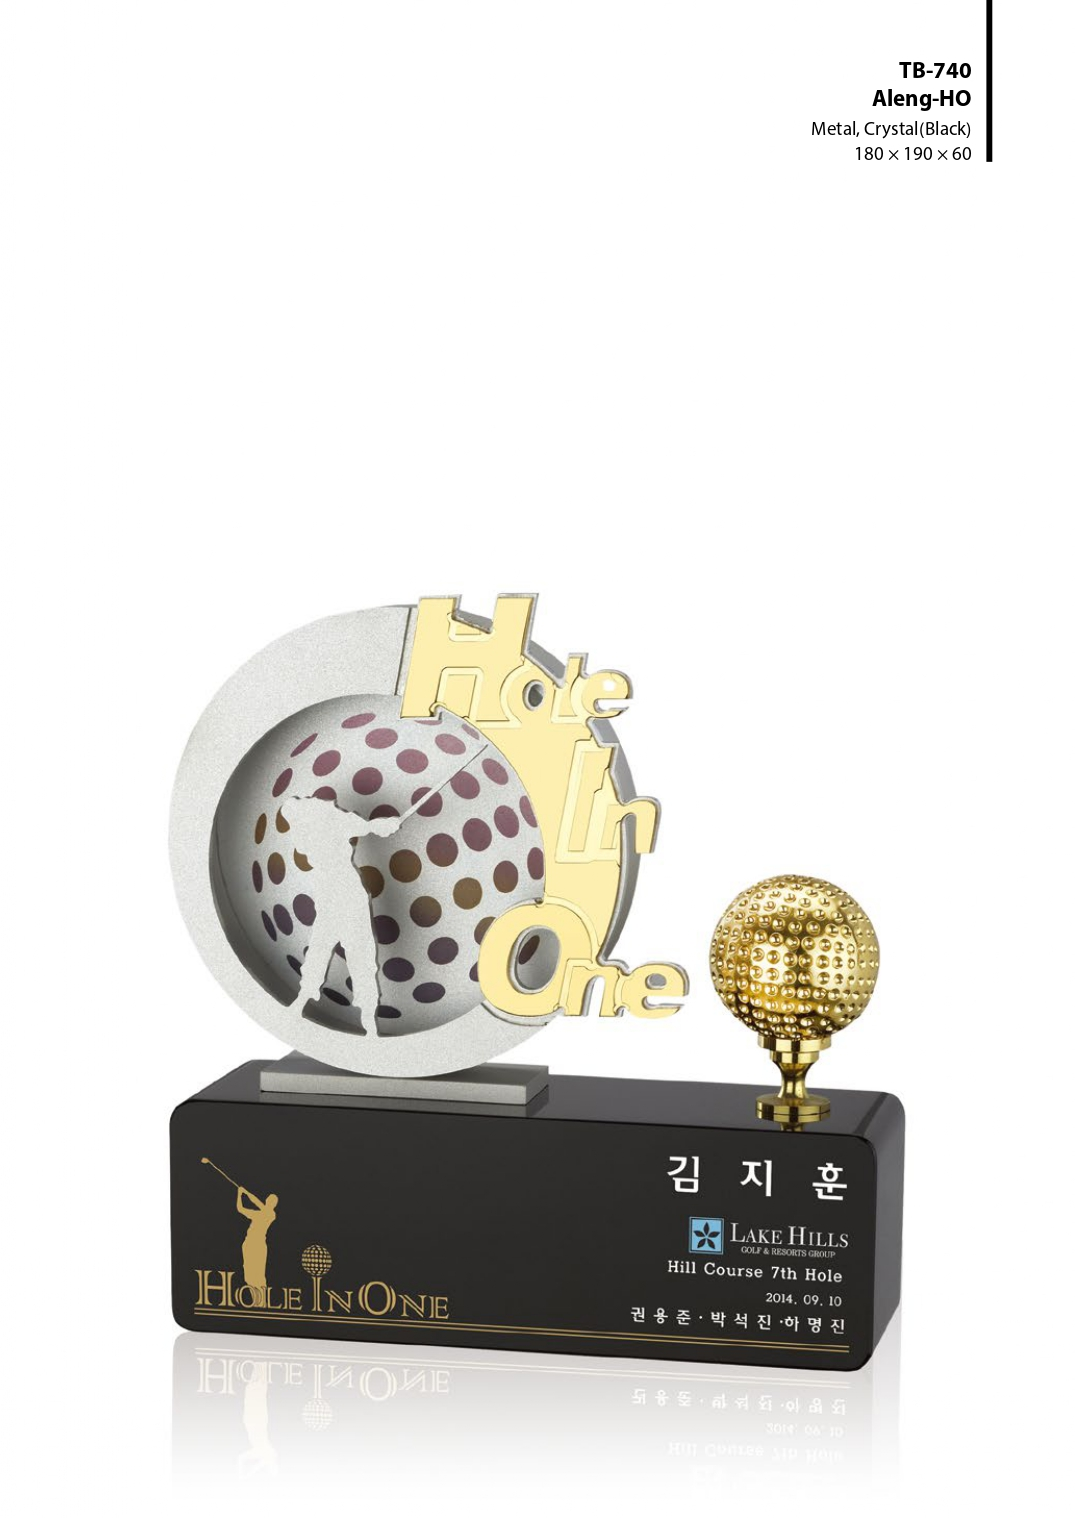 KLPK45040 Aleng-HO 홀인원패 골프트로피 상패 트로피 판촉물 제작 케이엘피코리아